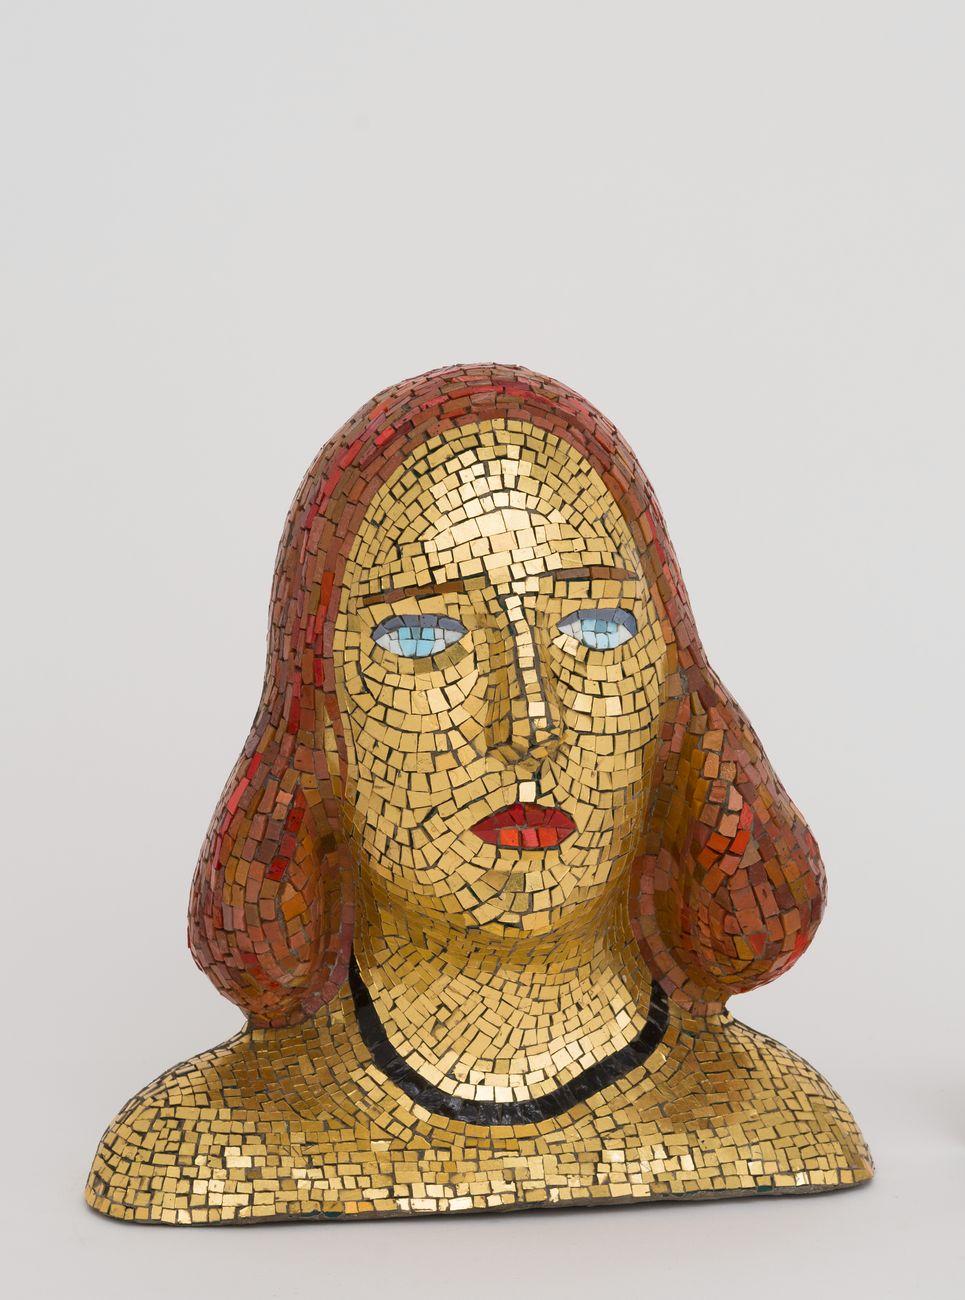 Lucio Fontana, Ritratto di Teresita, 1940. Fondazione Lucio Fontana, Milano © 2019 Fondazione Lucio Fontana Artists Rights Society (ARS), New York SIAE, Roma